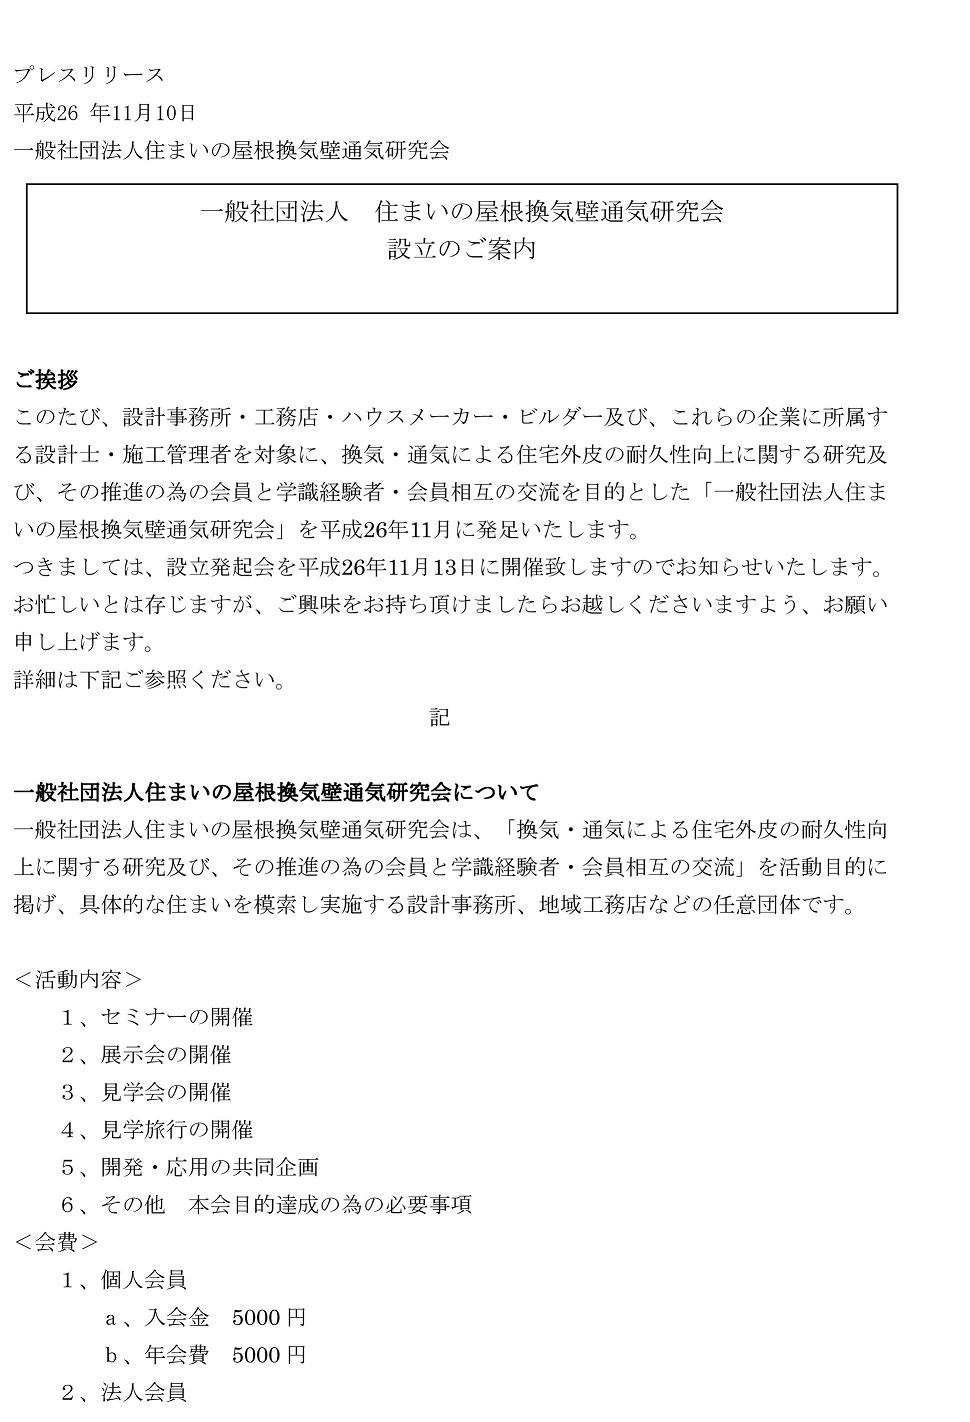 20141108住まいの屋根換気壁通気研究会プレスリリース-2-1